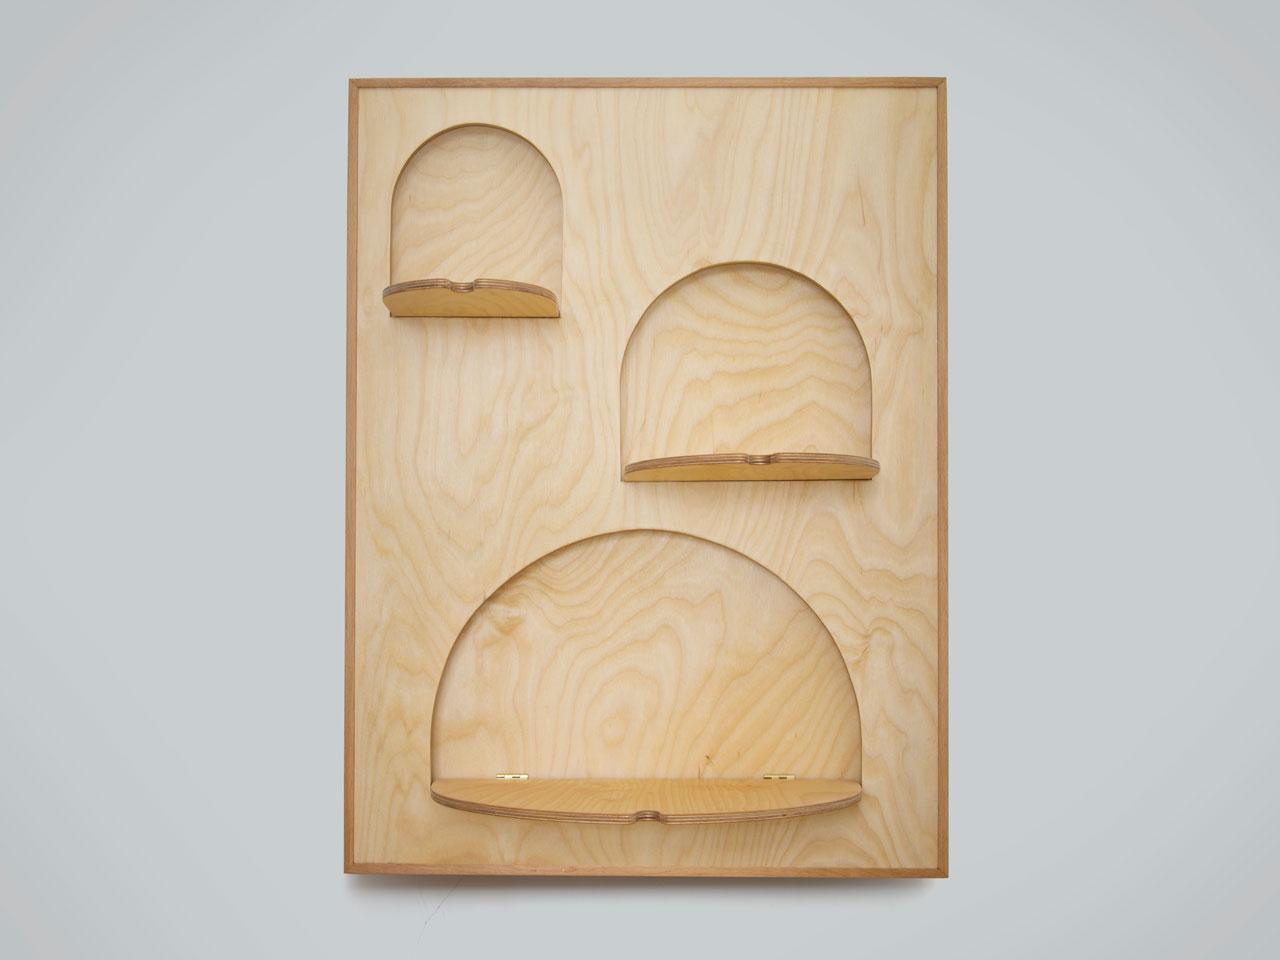 Wallmonds-Shelves-Goncalo-Campos-3